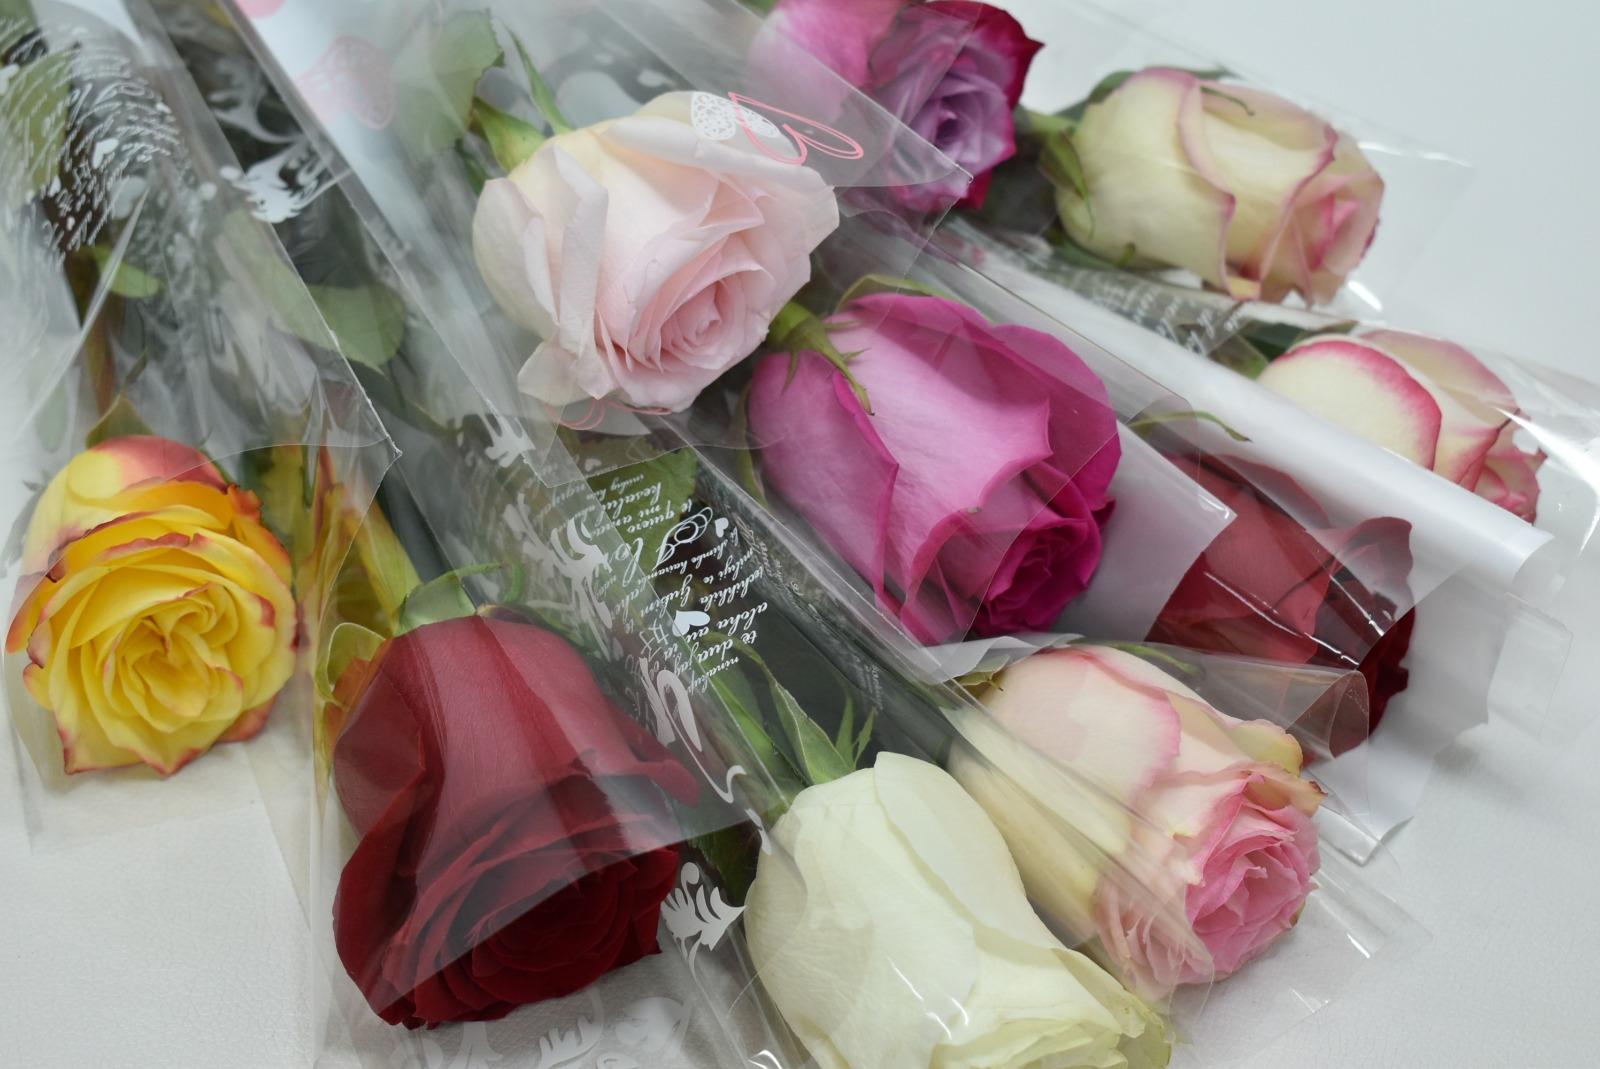 مجموعة من الورد المنوع 'باقة زهور باقة زهور